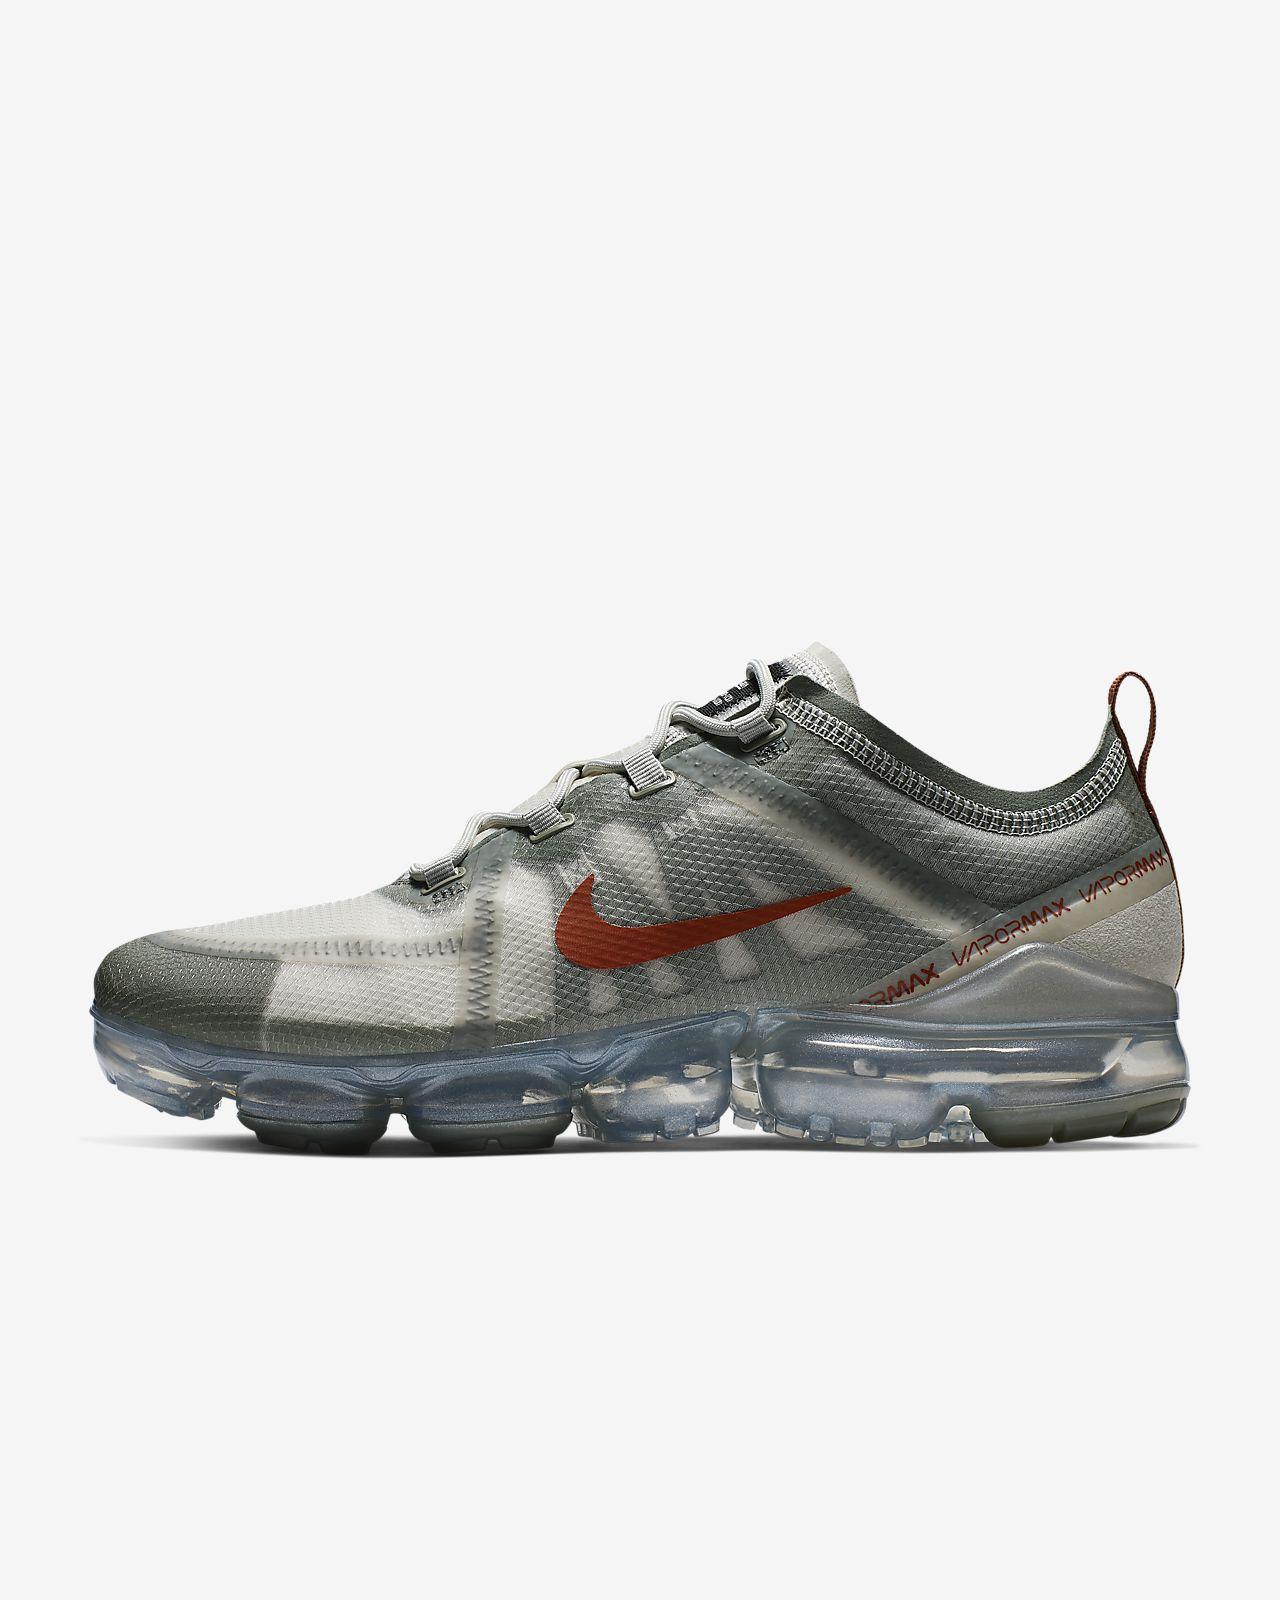 best service 1ffee d3c67 ... Nike Air VaporMax 2019 Shoe